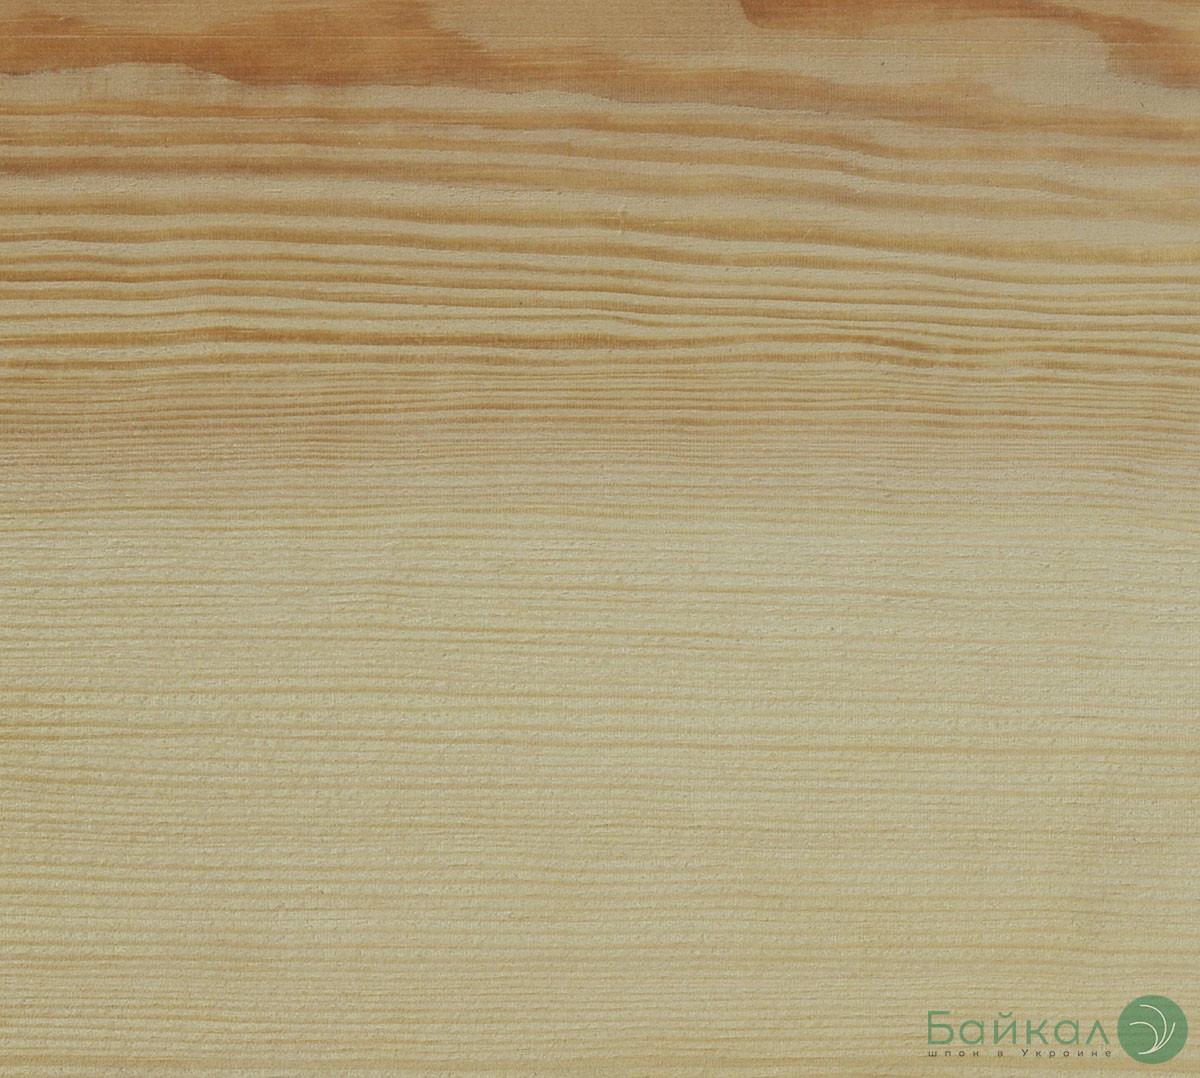 Шпон Сосни - 2,5 мм довжина від 0,50 - 0,75 м / ширина від 9 см (I гатунок)